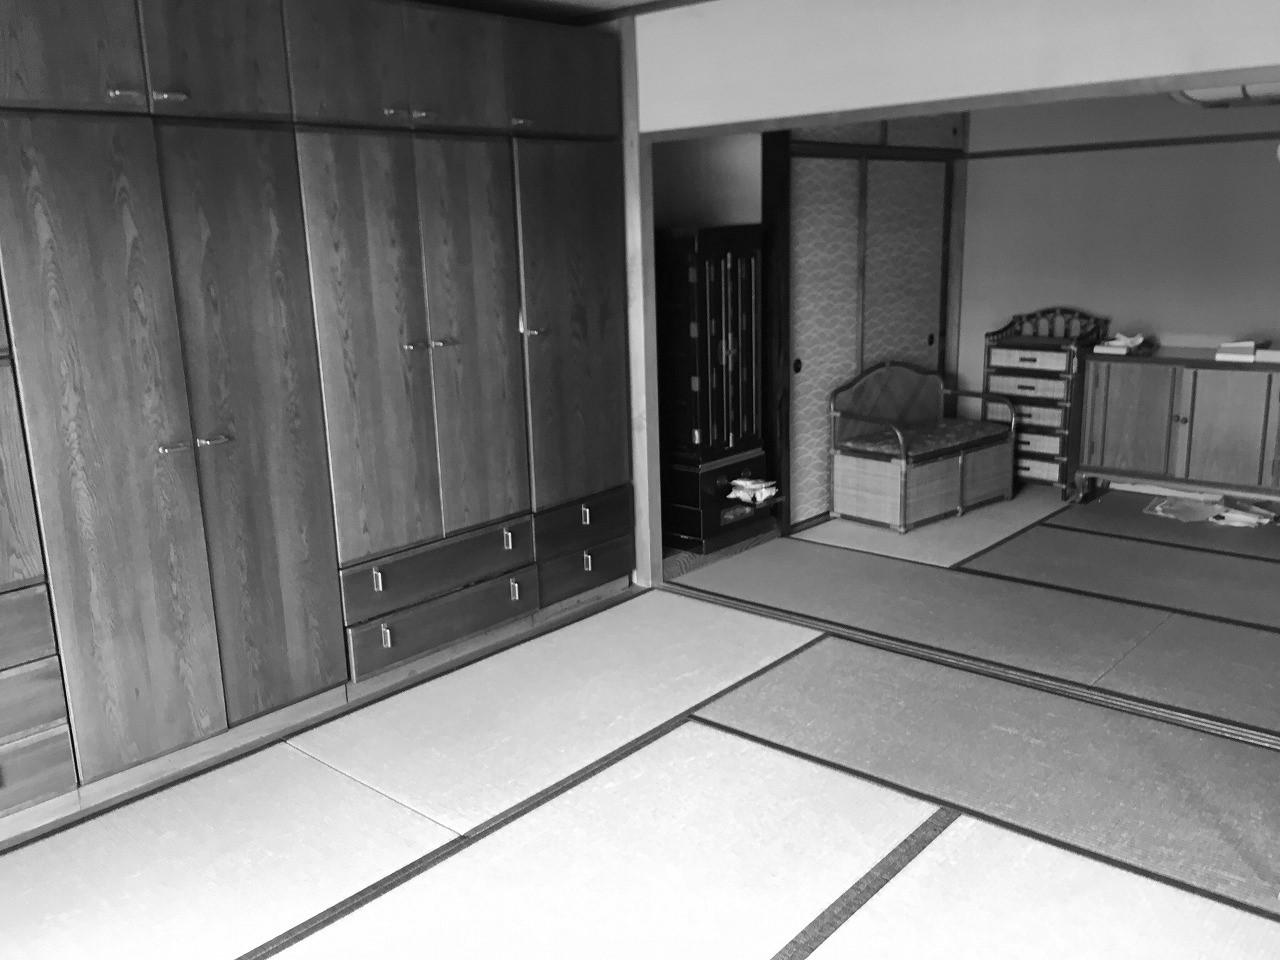 リフォーム前は襖で仕切られた2つの和室がリビングに隣接して並んでいました。